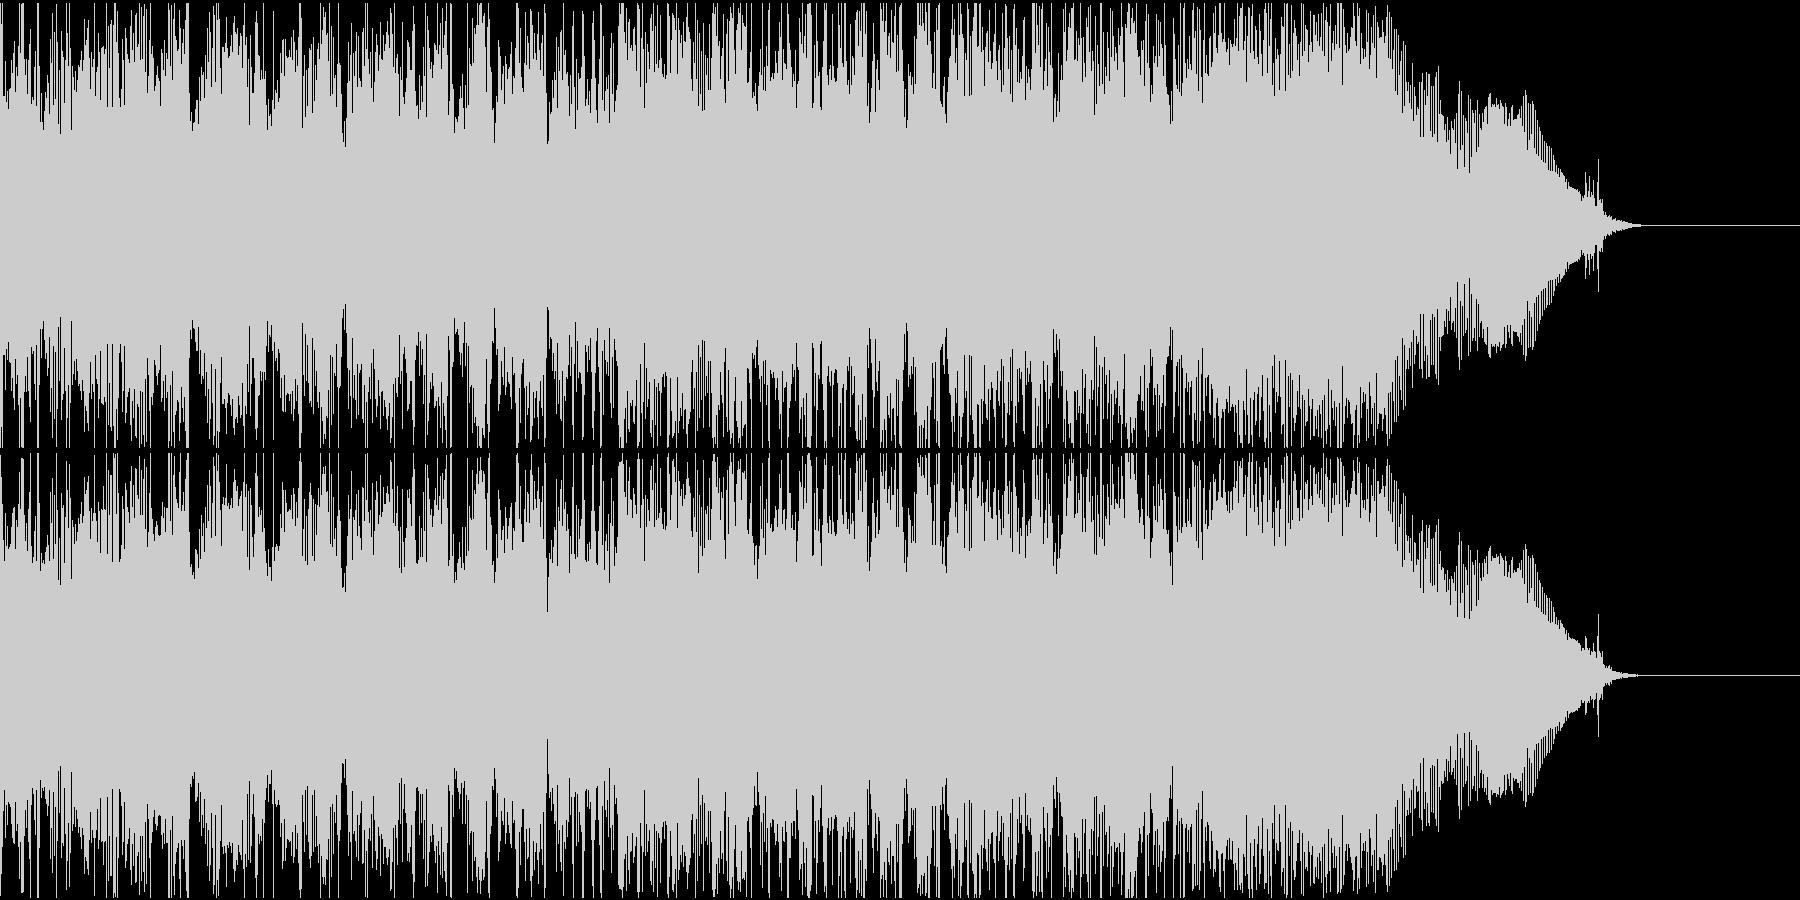 アメリカンミクスチャーロックなギターリフの未再生の波形